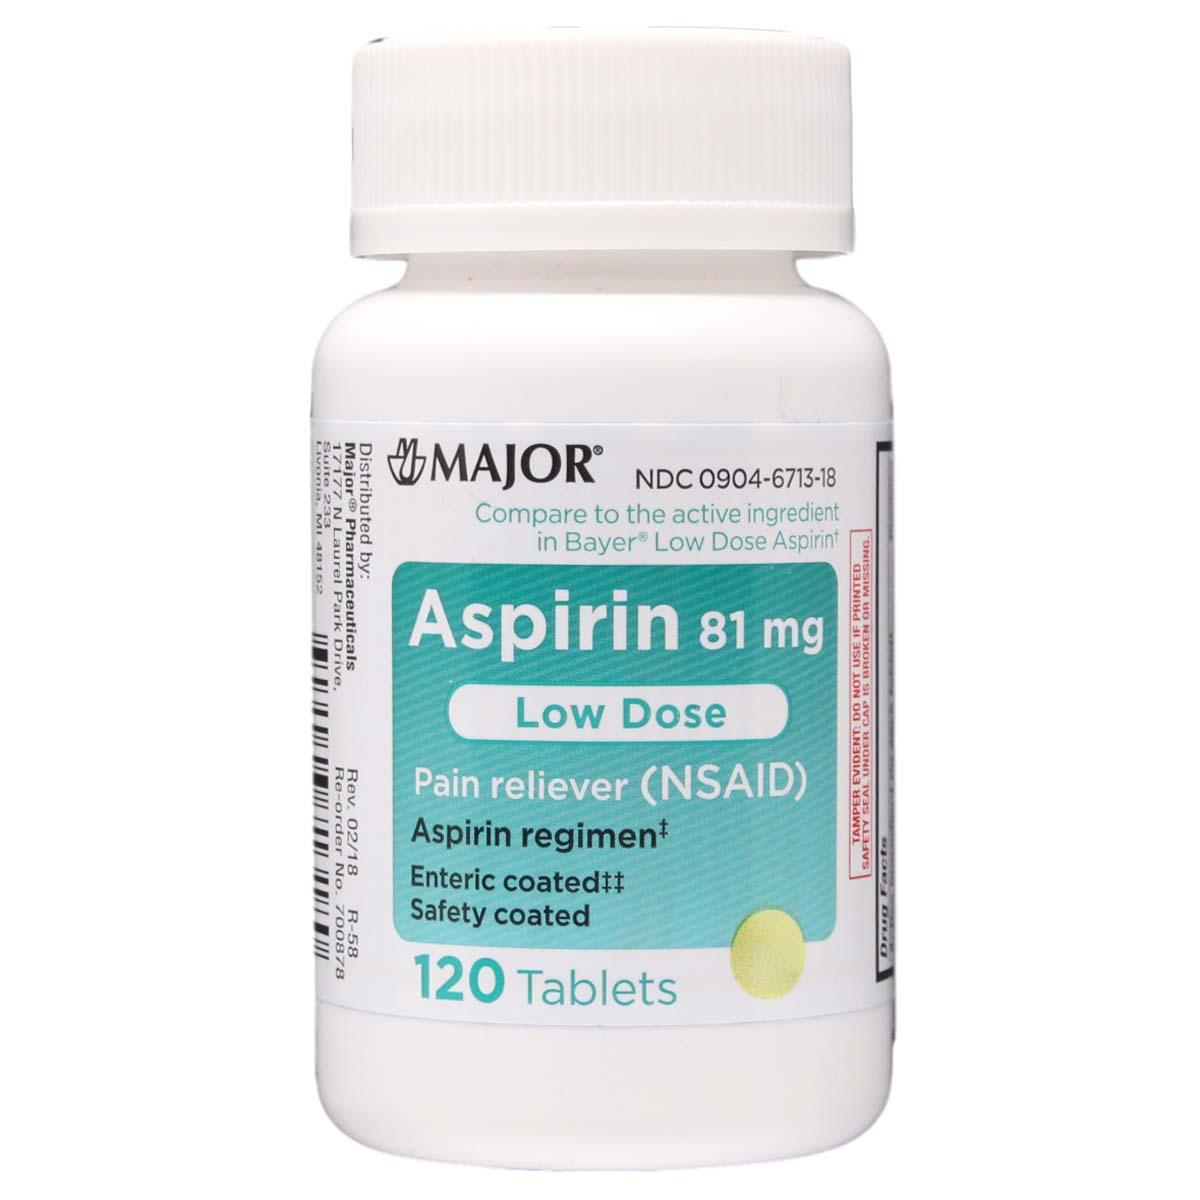 Bayer Aspirin 81 Mg Benefits